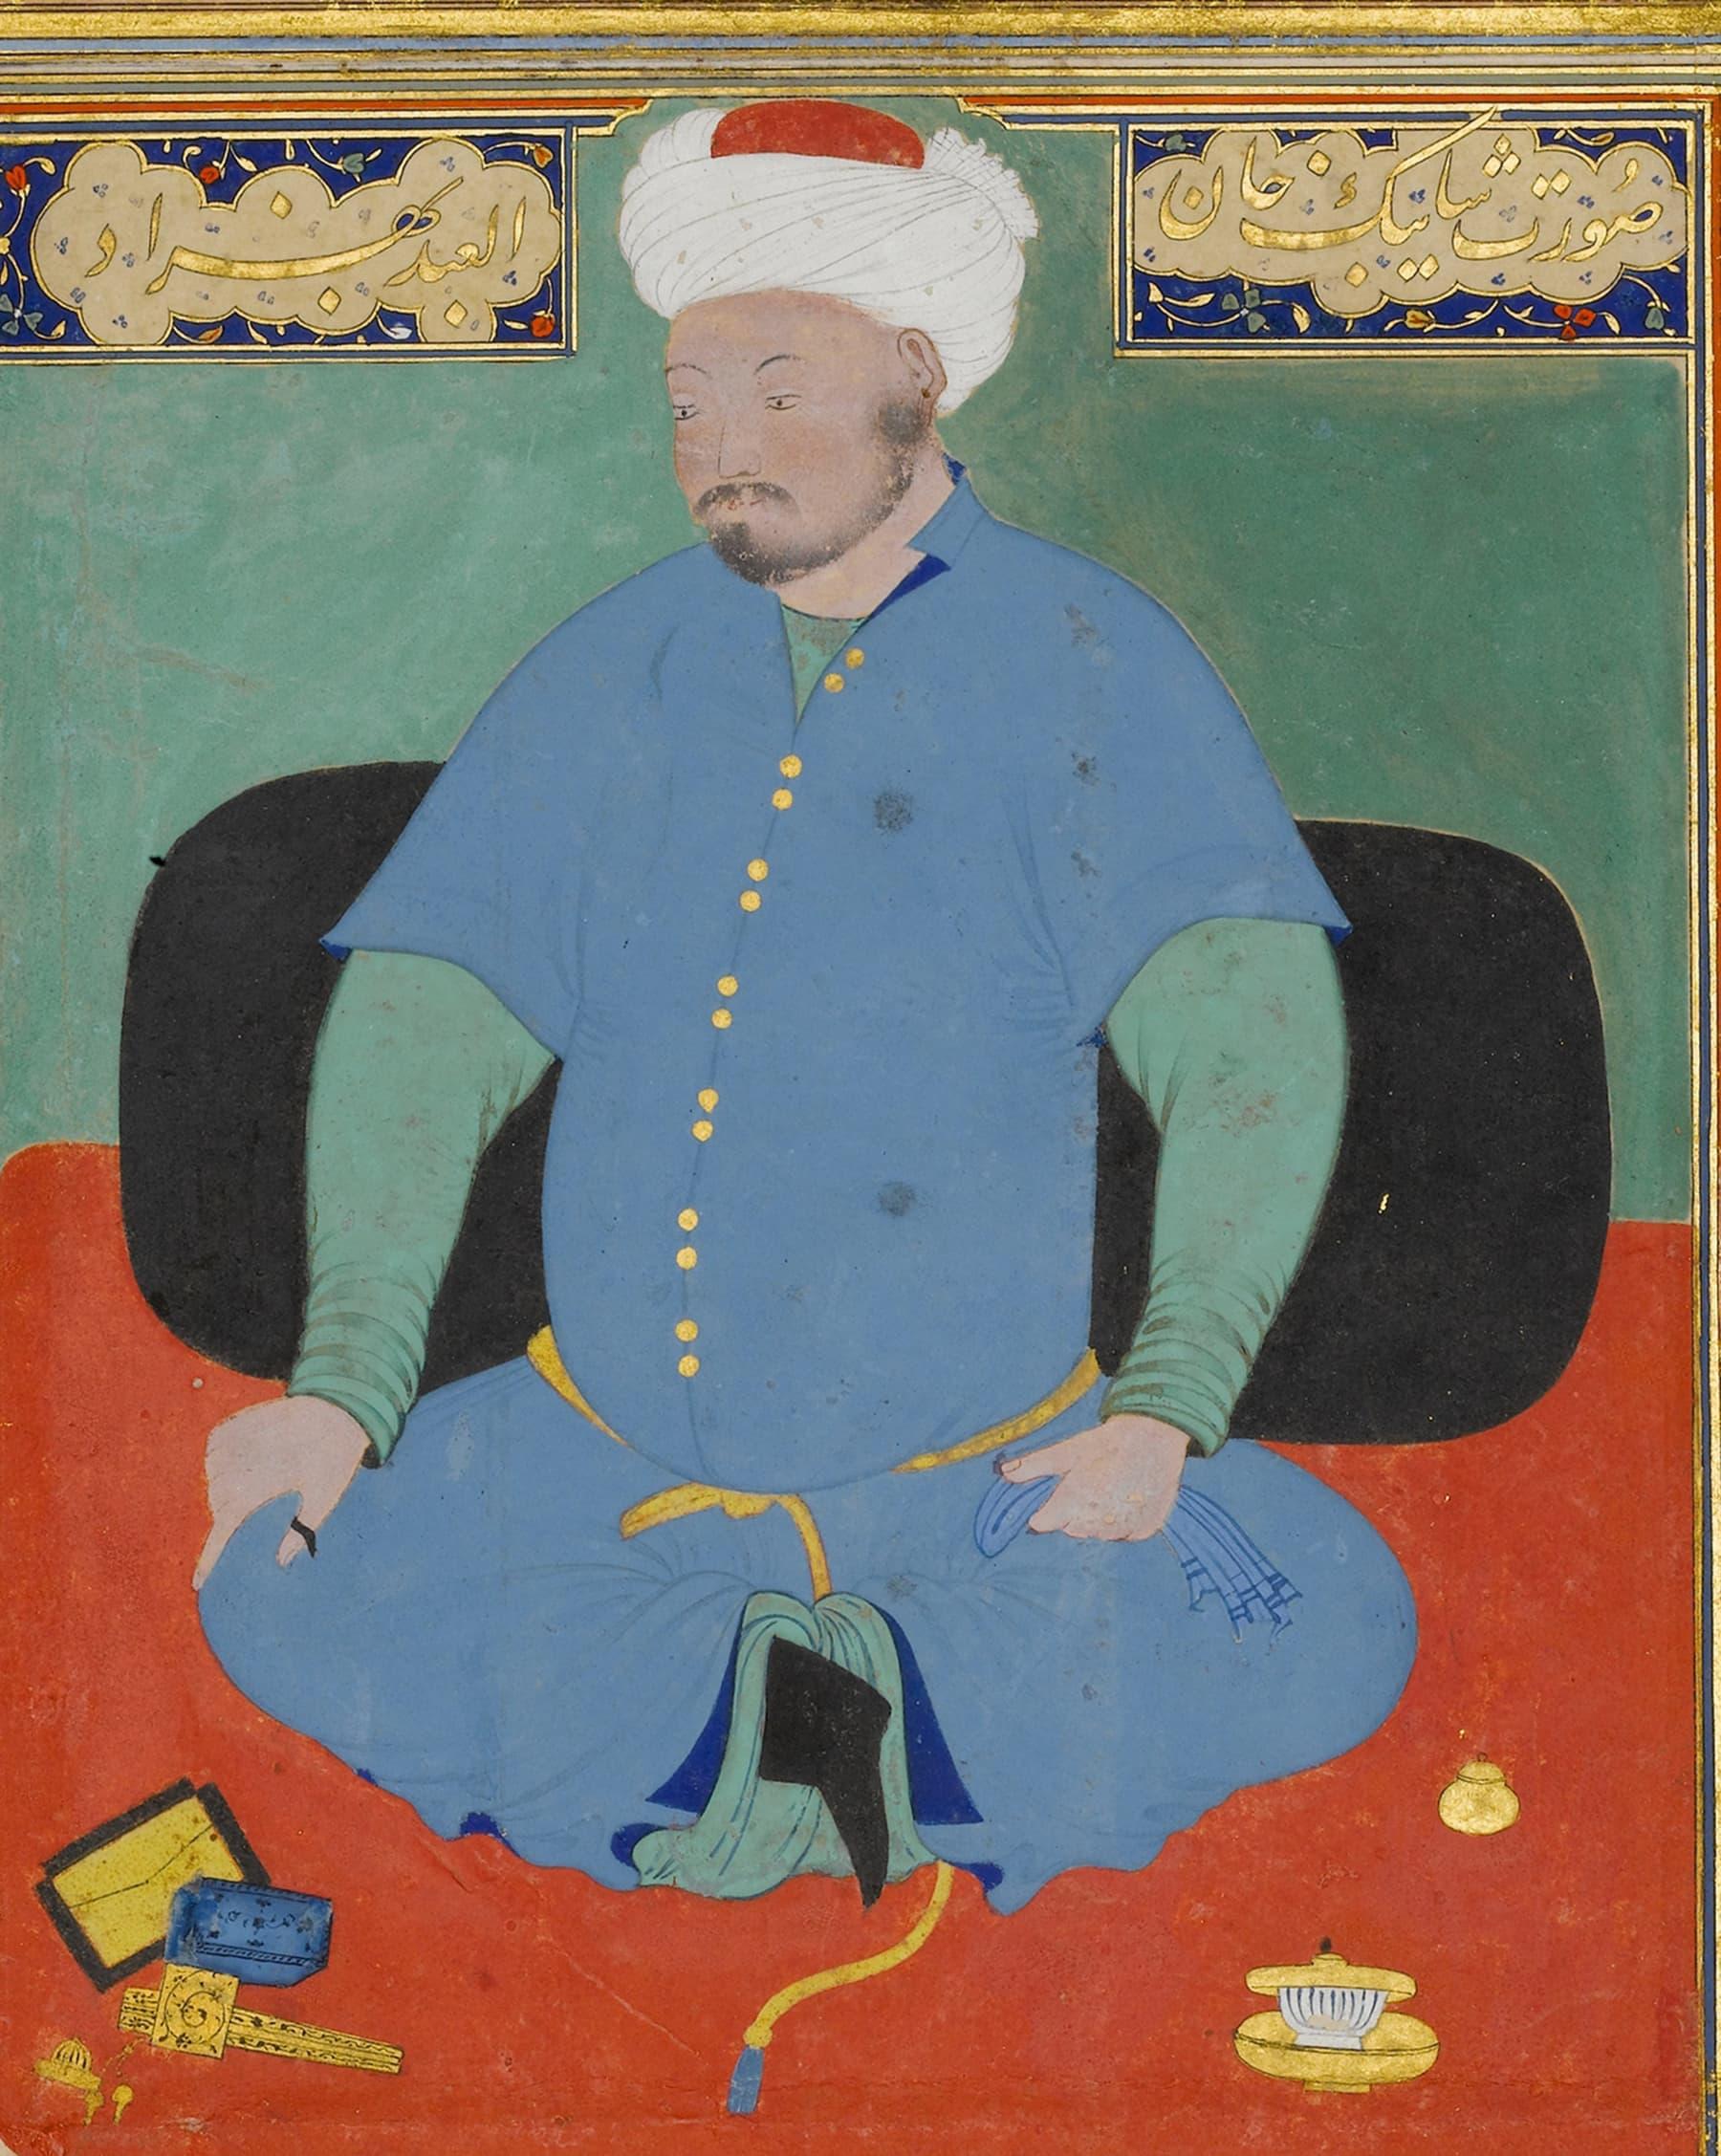 ازبک عسکری رہنما محمد خان شیبانی